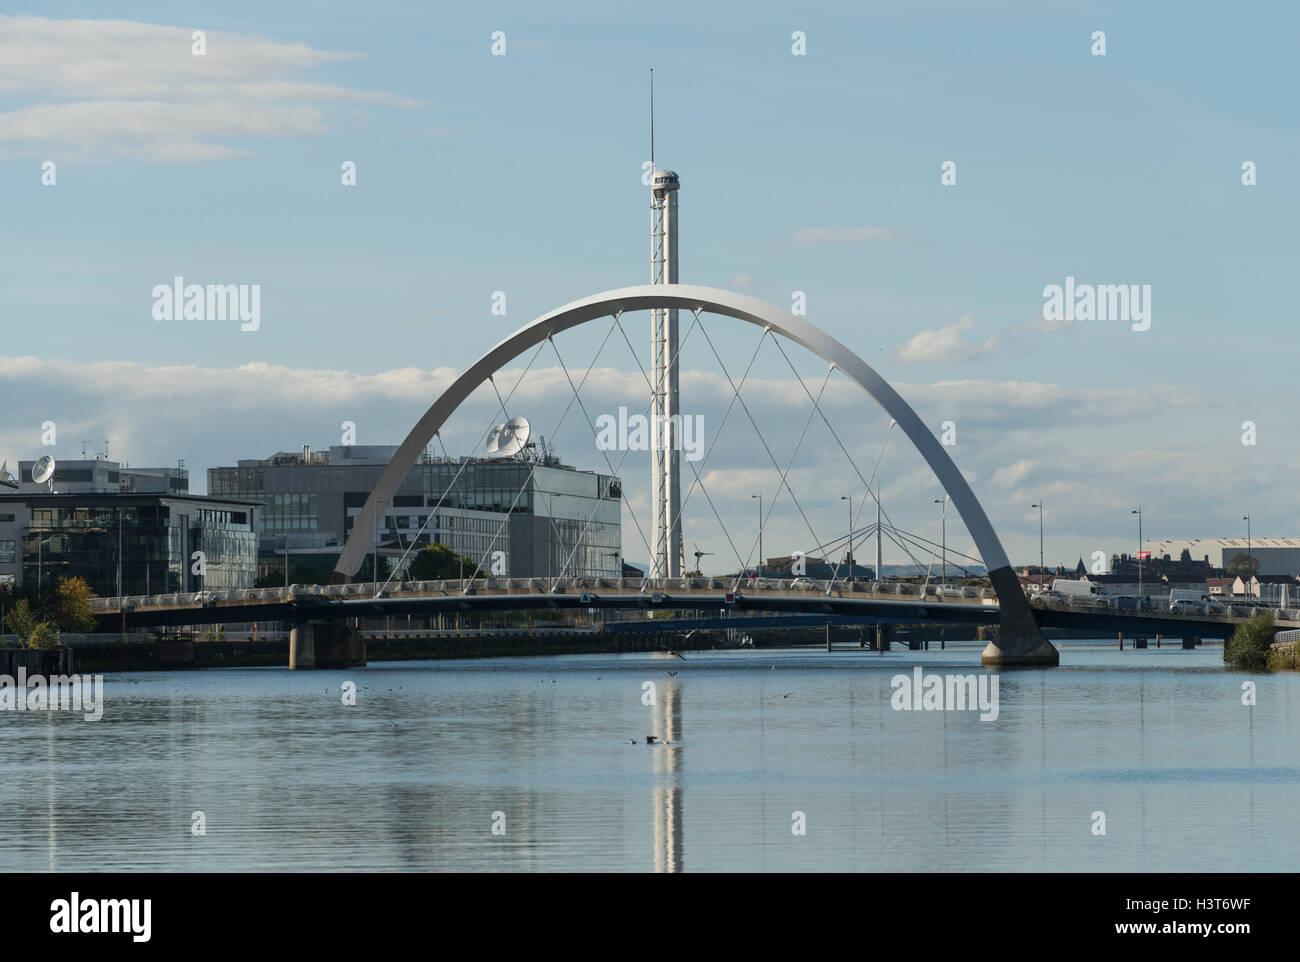 Clyde à l'Ouest à Clyde Arc,Glasgow, Écosse, Royaume-Uni, Banque D'Images